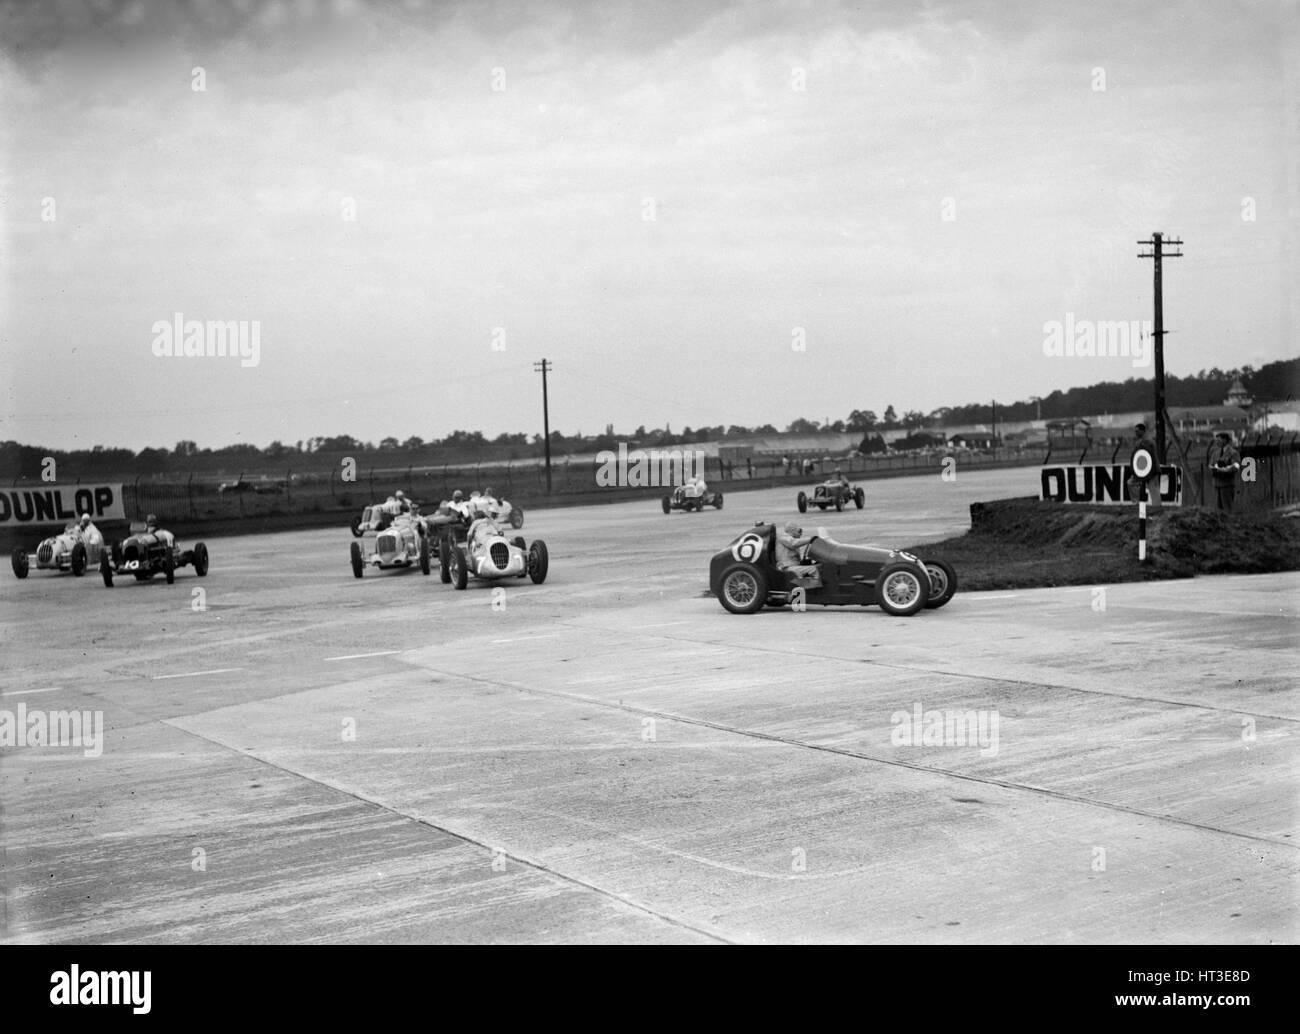 Autorennen auf der Campbell-Rennstrecke in Brooklands. Künstler: Bill Brunell. Stockbild